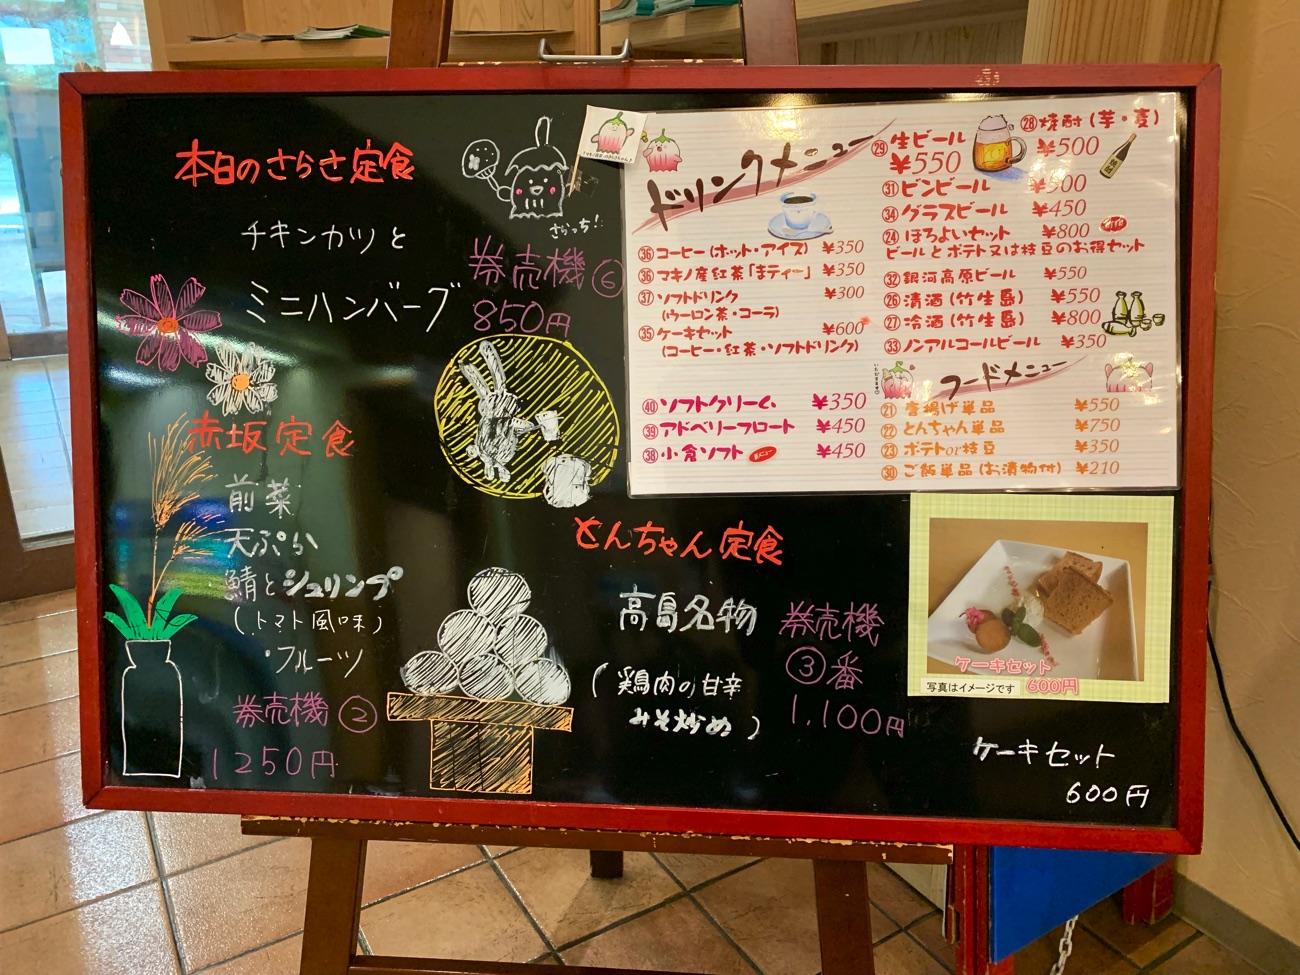 「レストラン赤坂」のおすすめメニュー